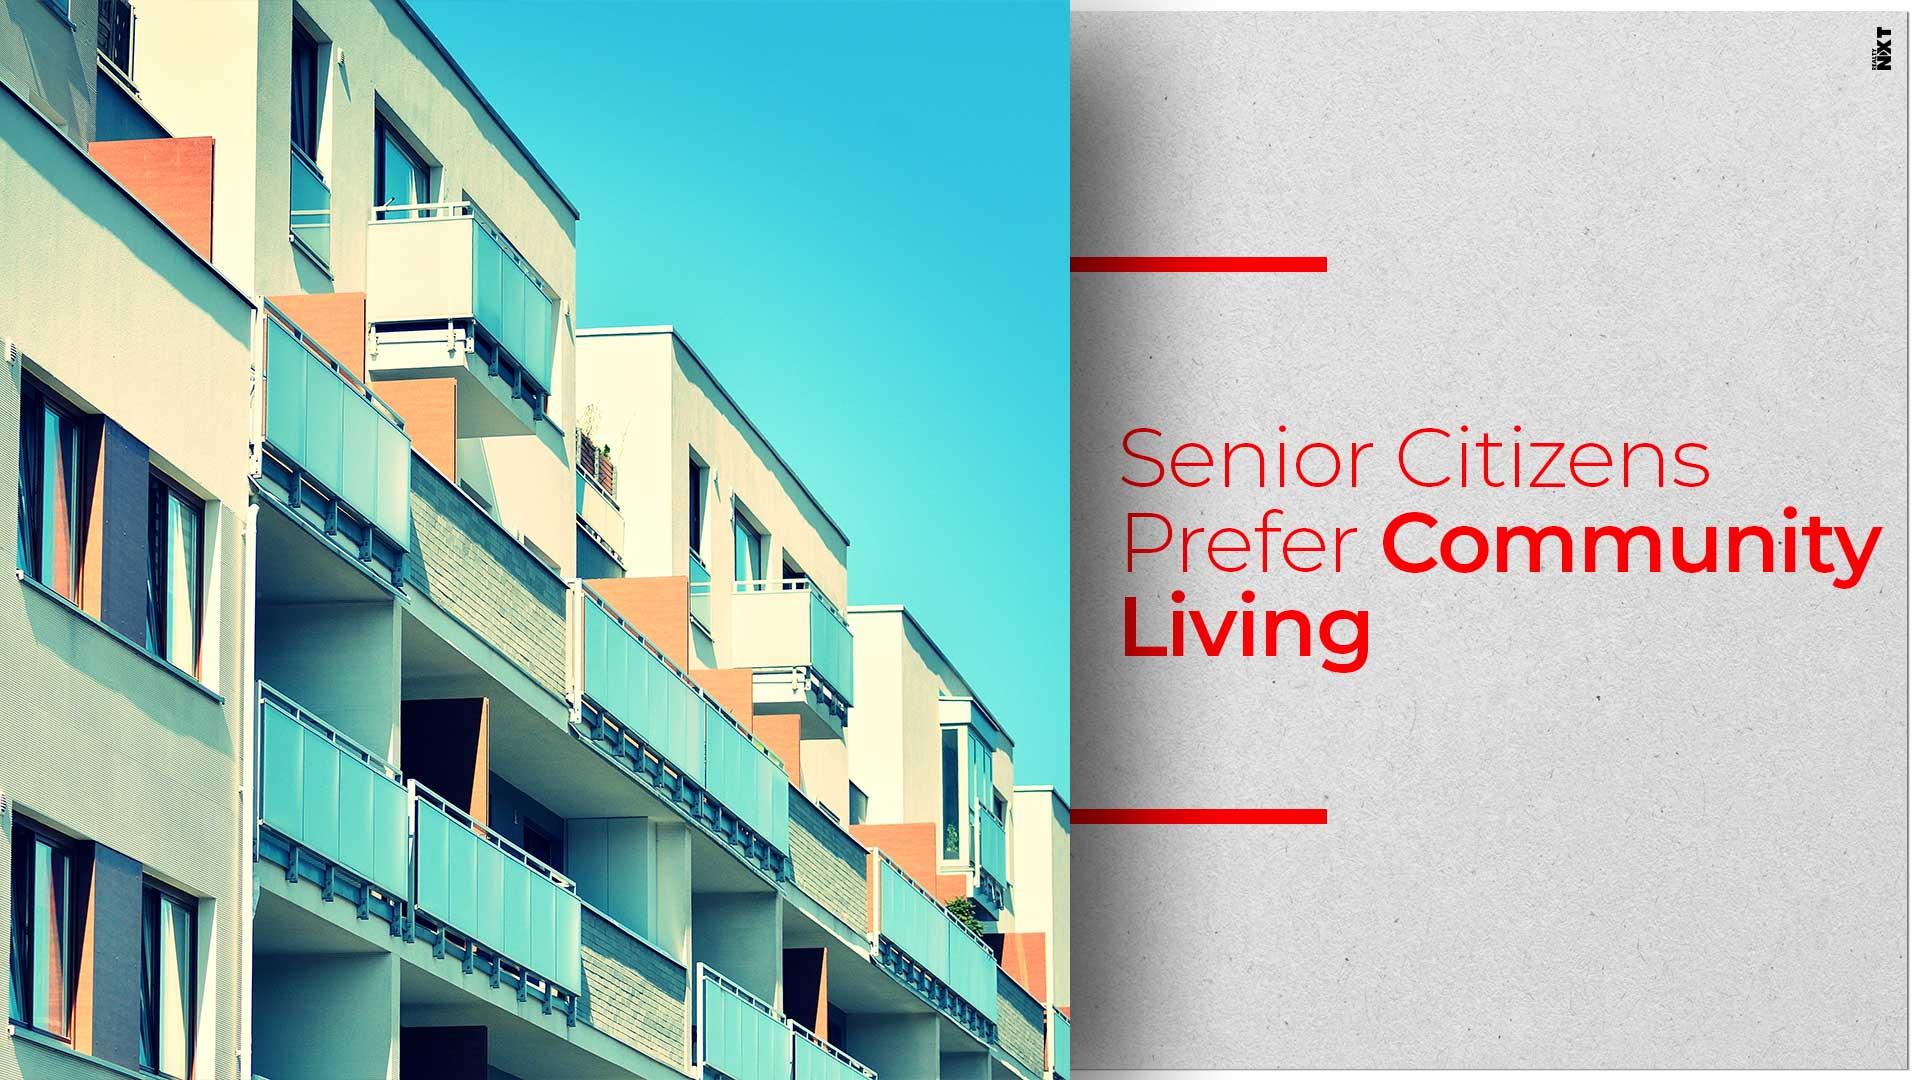 Elders In Senior Living Communities Have Higher Satisfaction